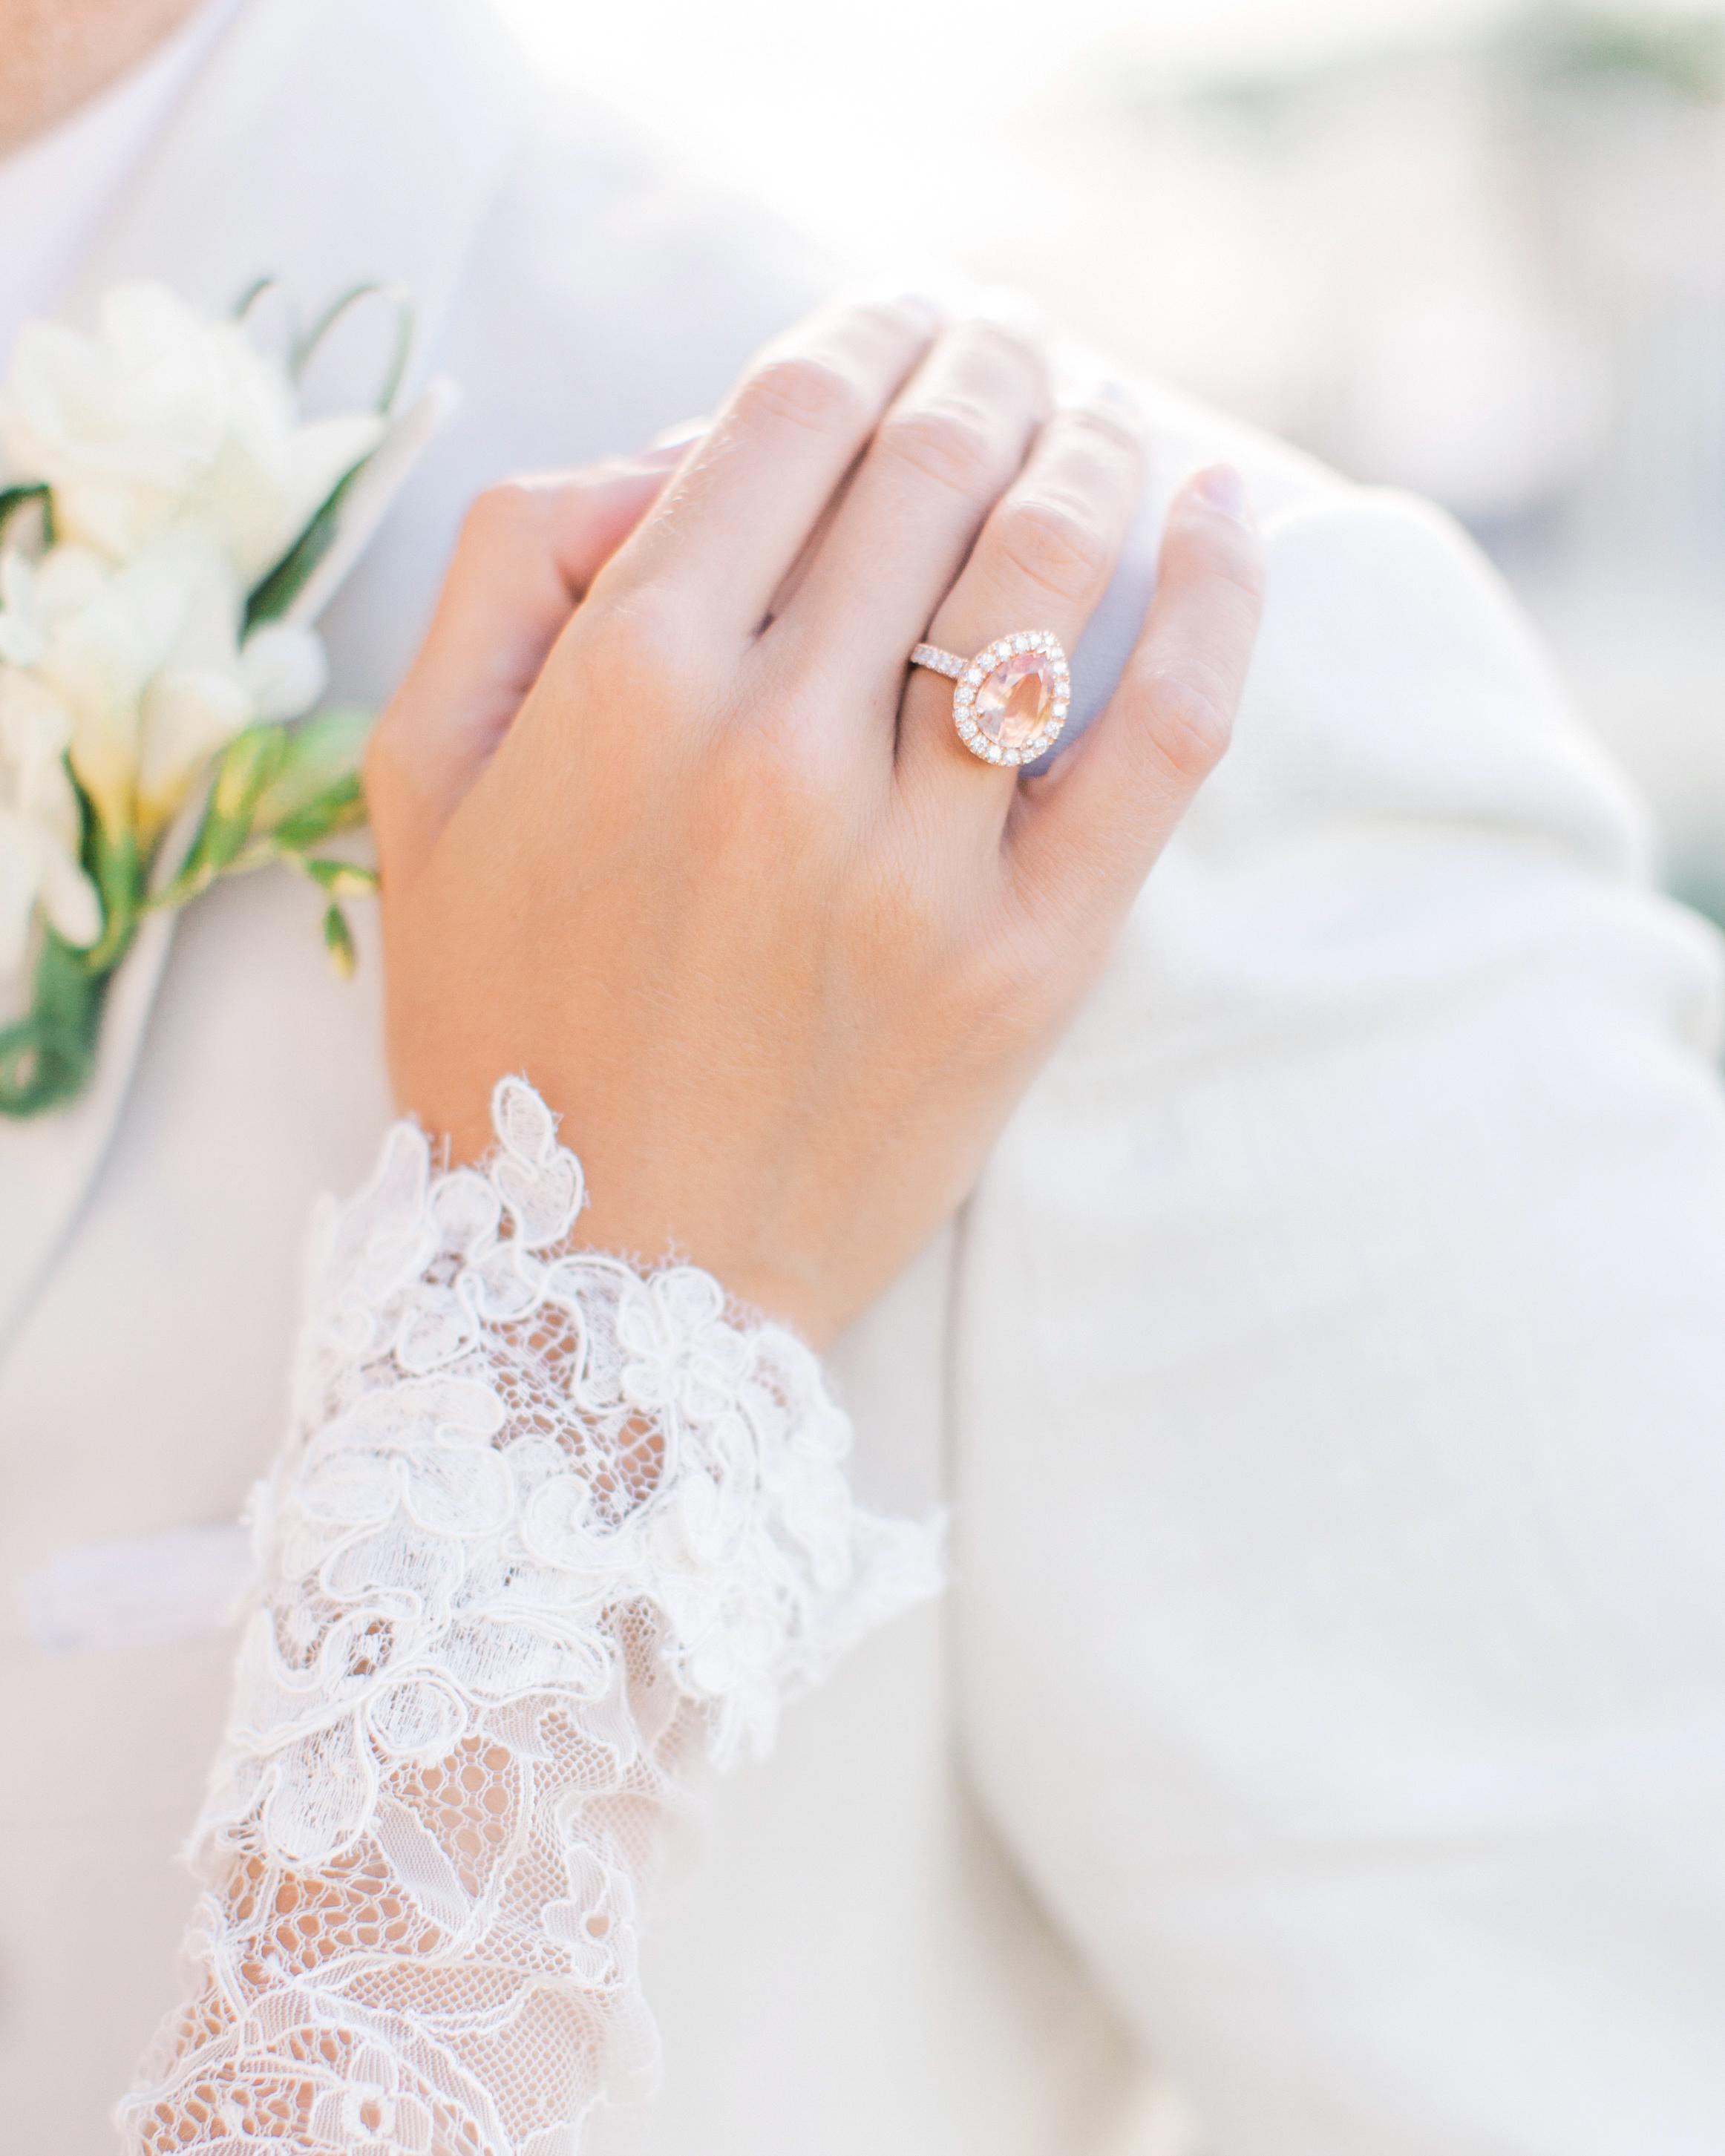 samantha-peter-real-wedding-ring-0314.jpg